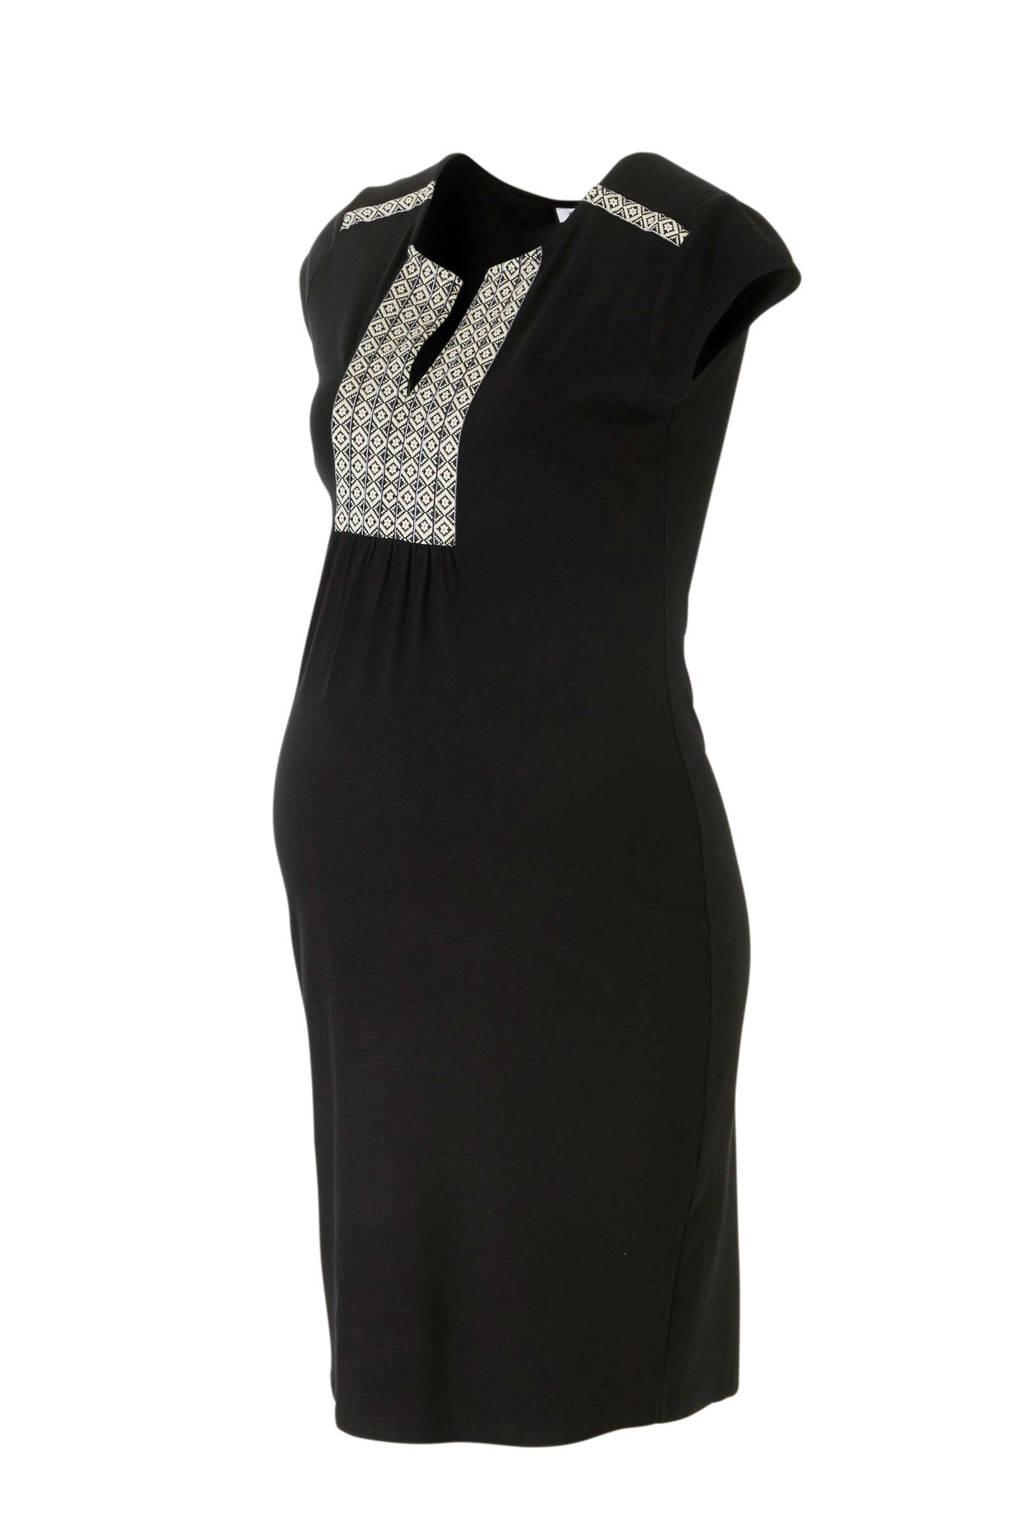 Queen mum zwangerschapsjurk met borduursels zwart, Zwart/ecru